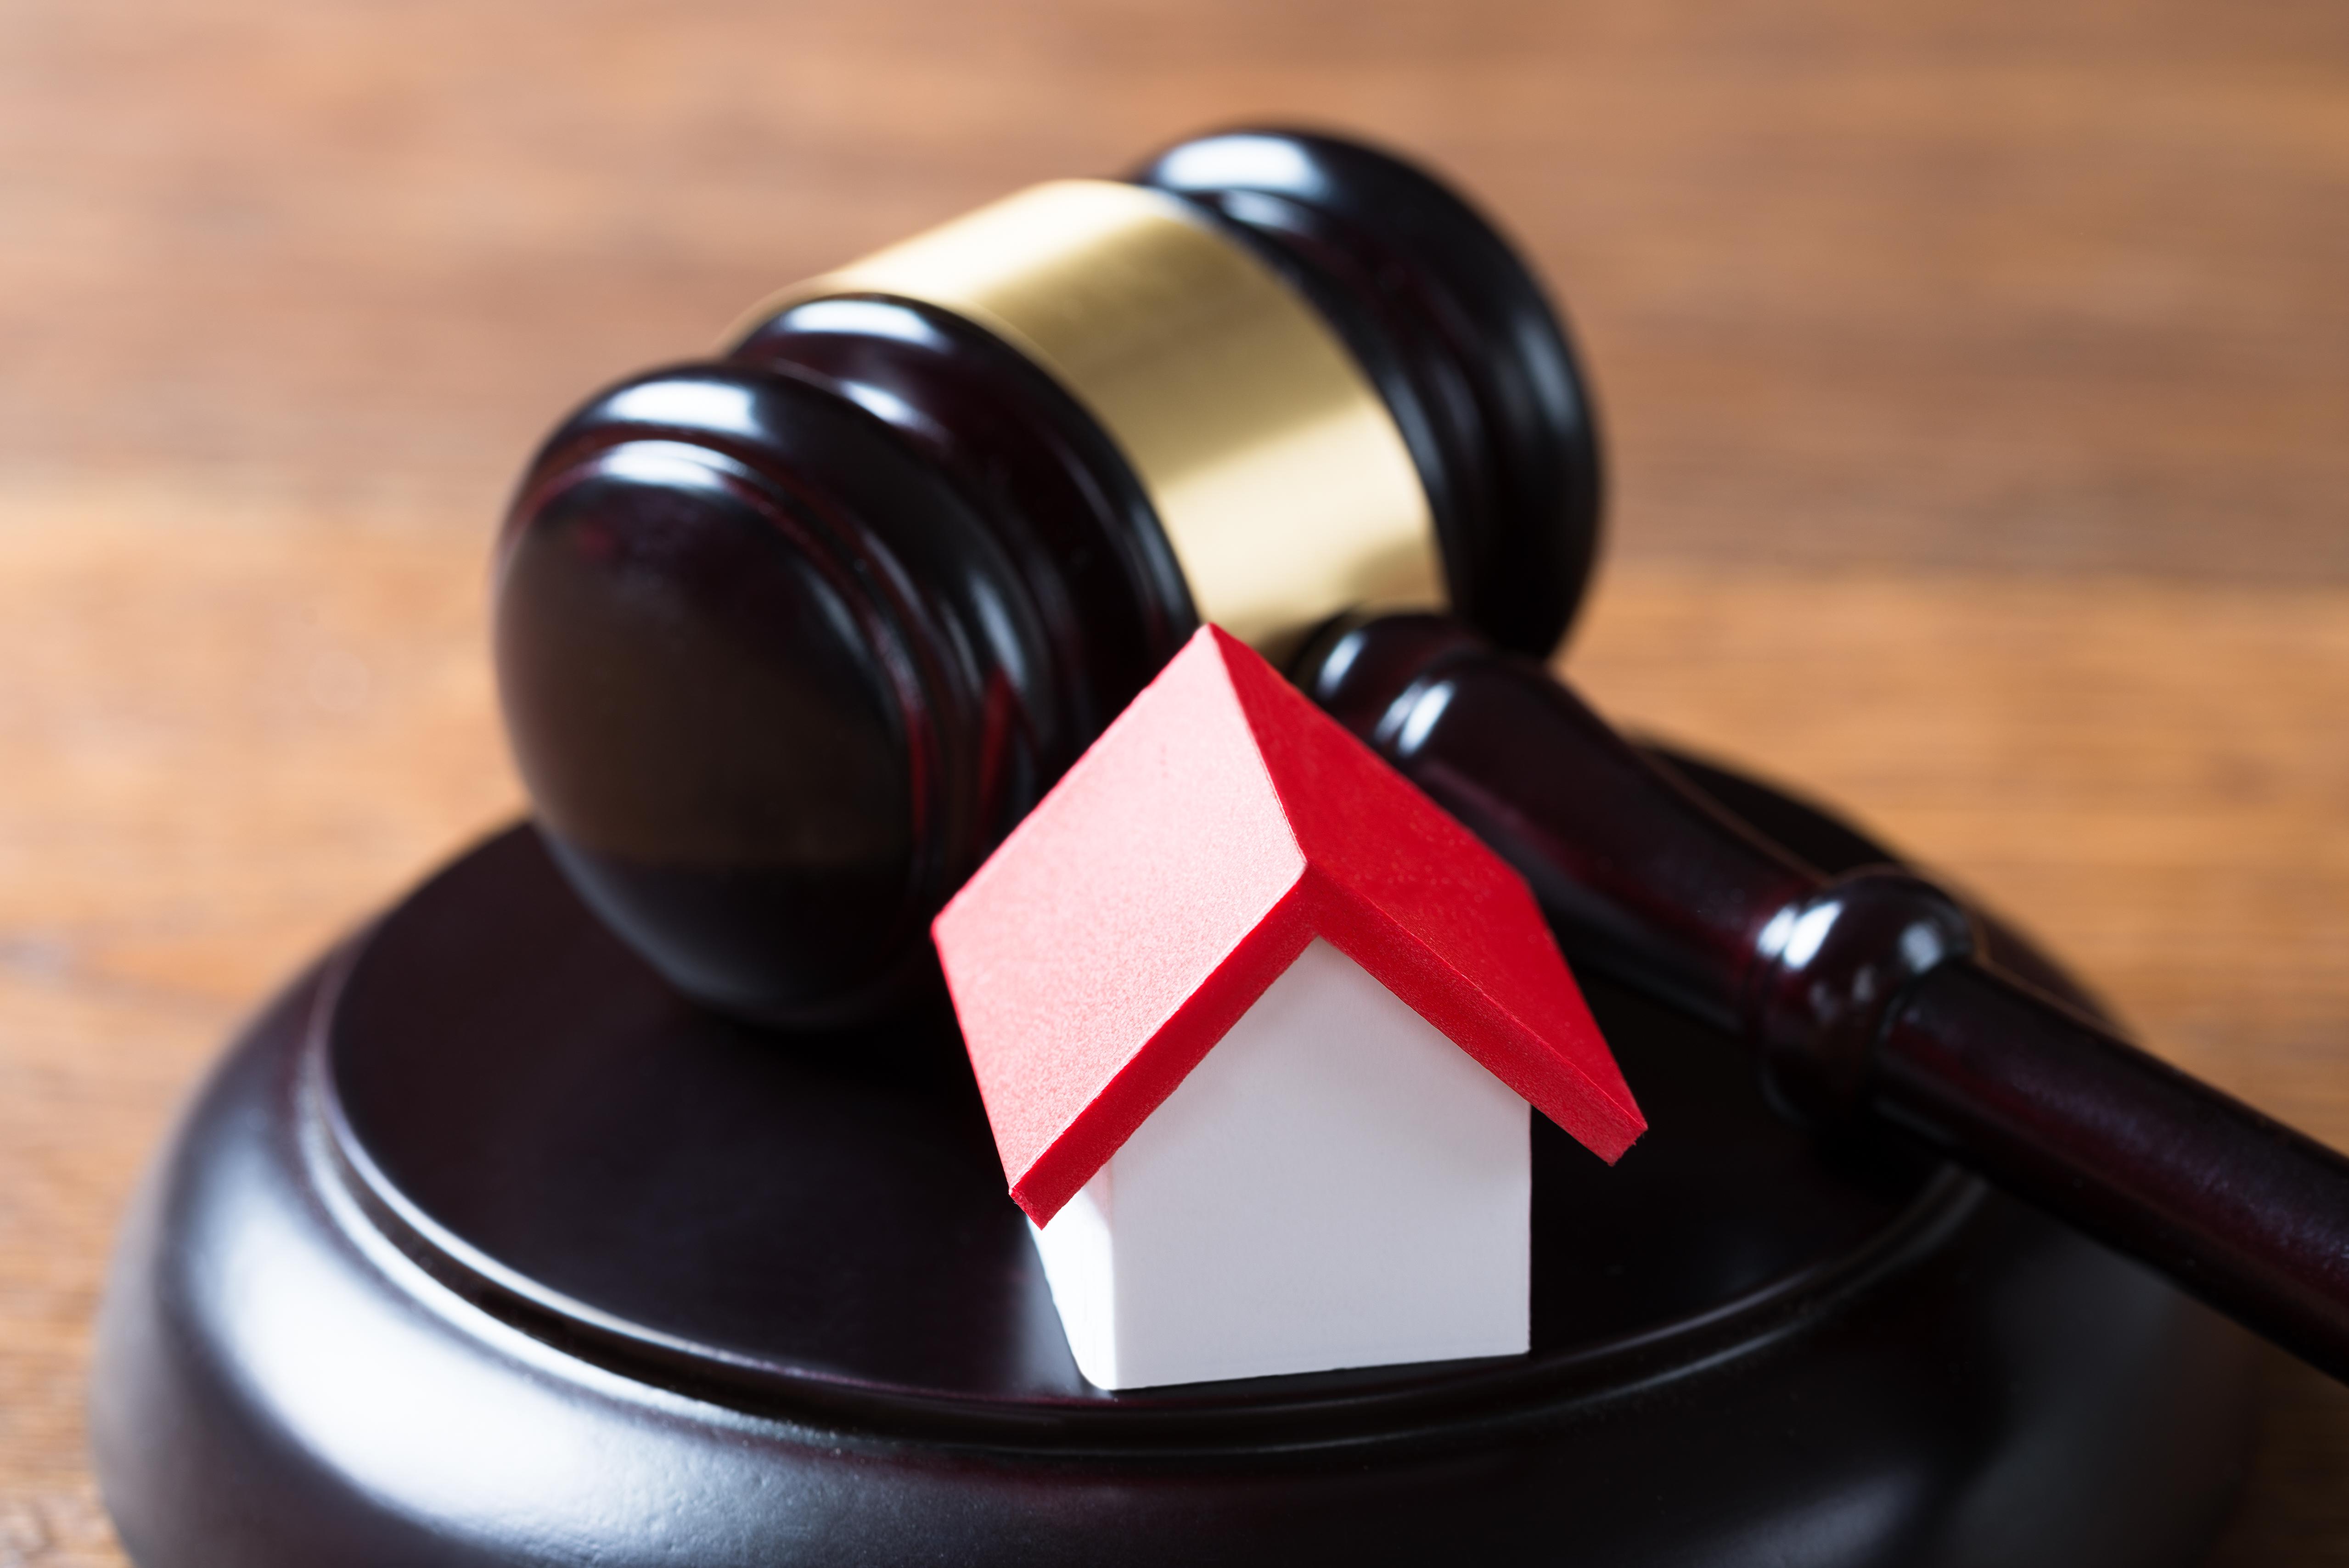 Agevolazioni prima casa e residenza anagrafica: l'ordinanza della Cassazione